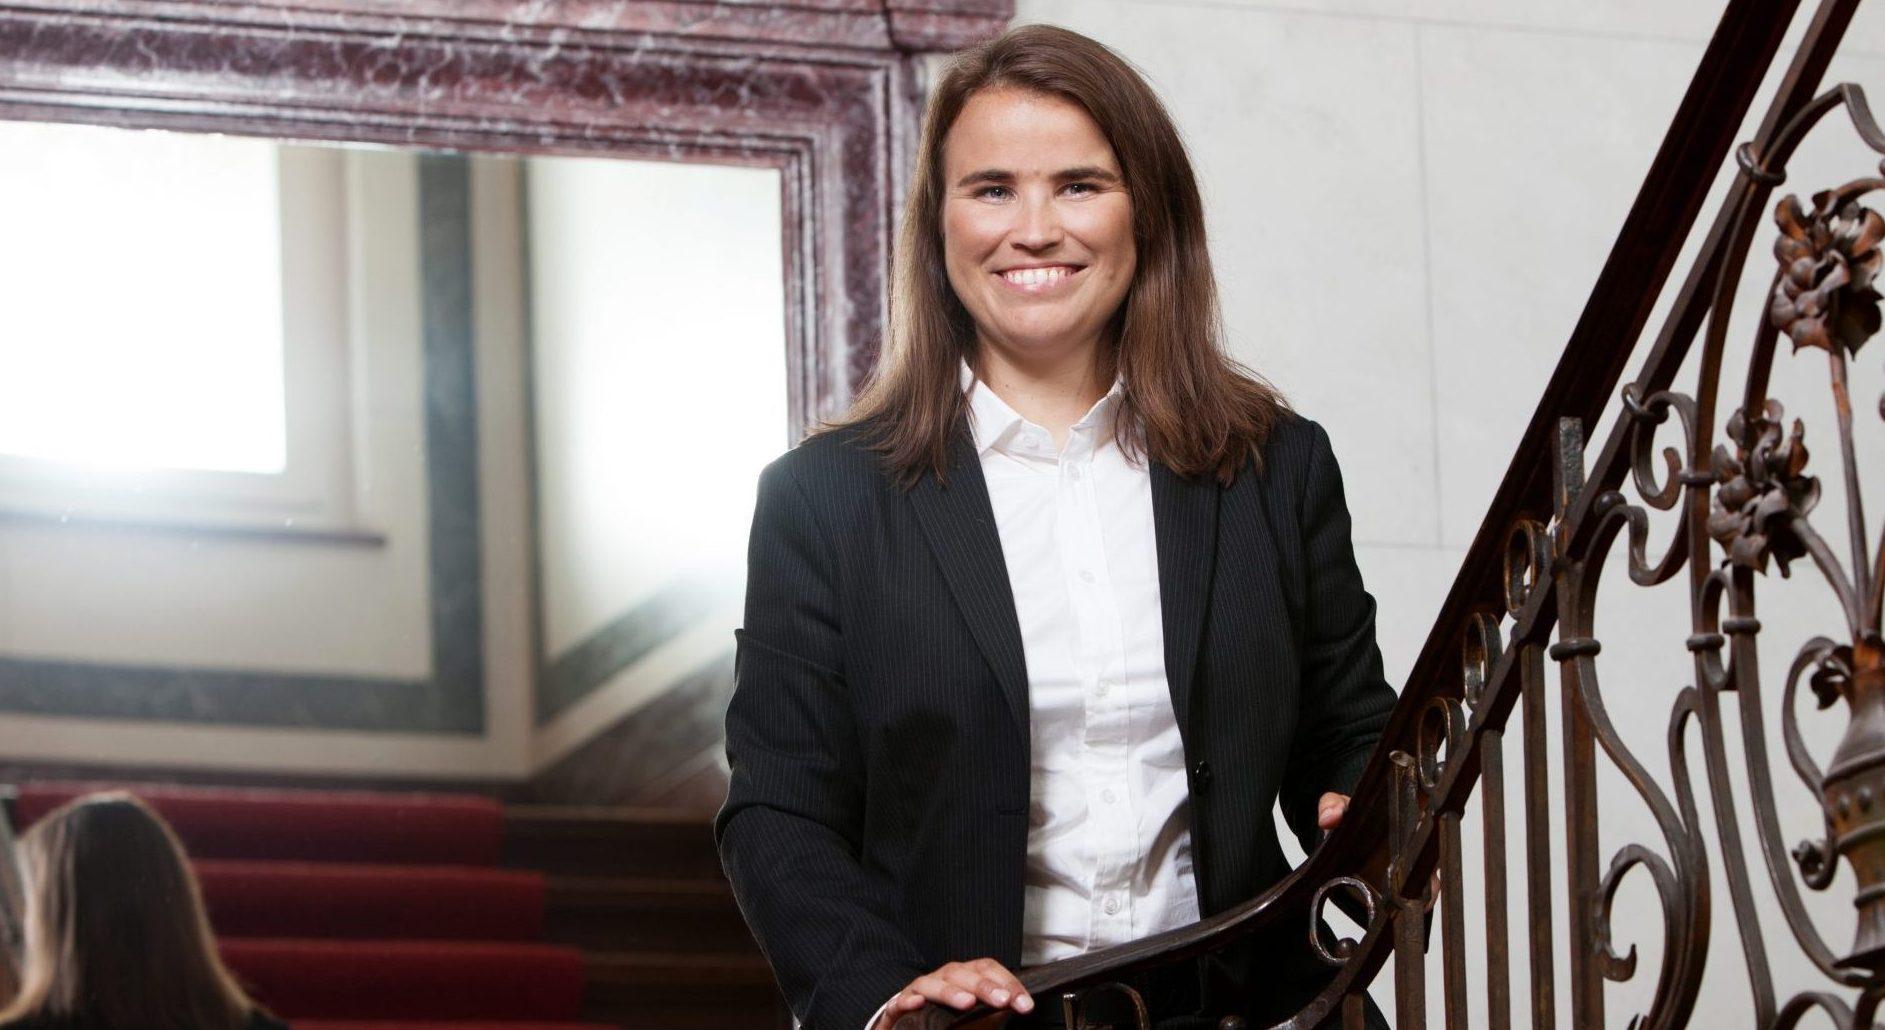 Diplom-Jurist